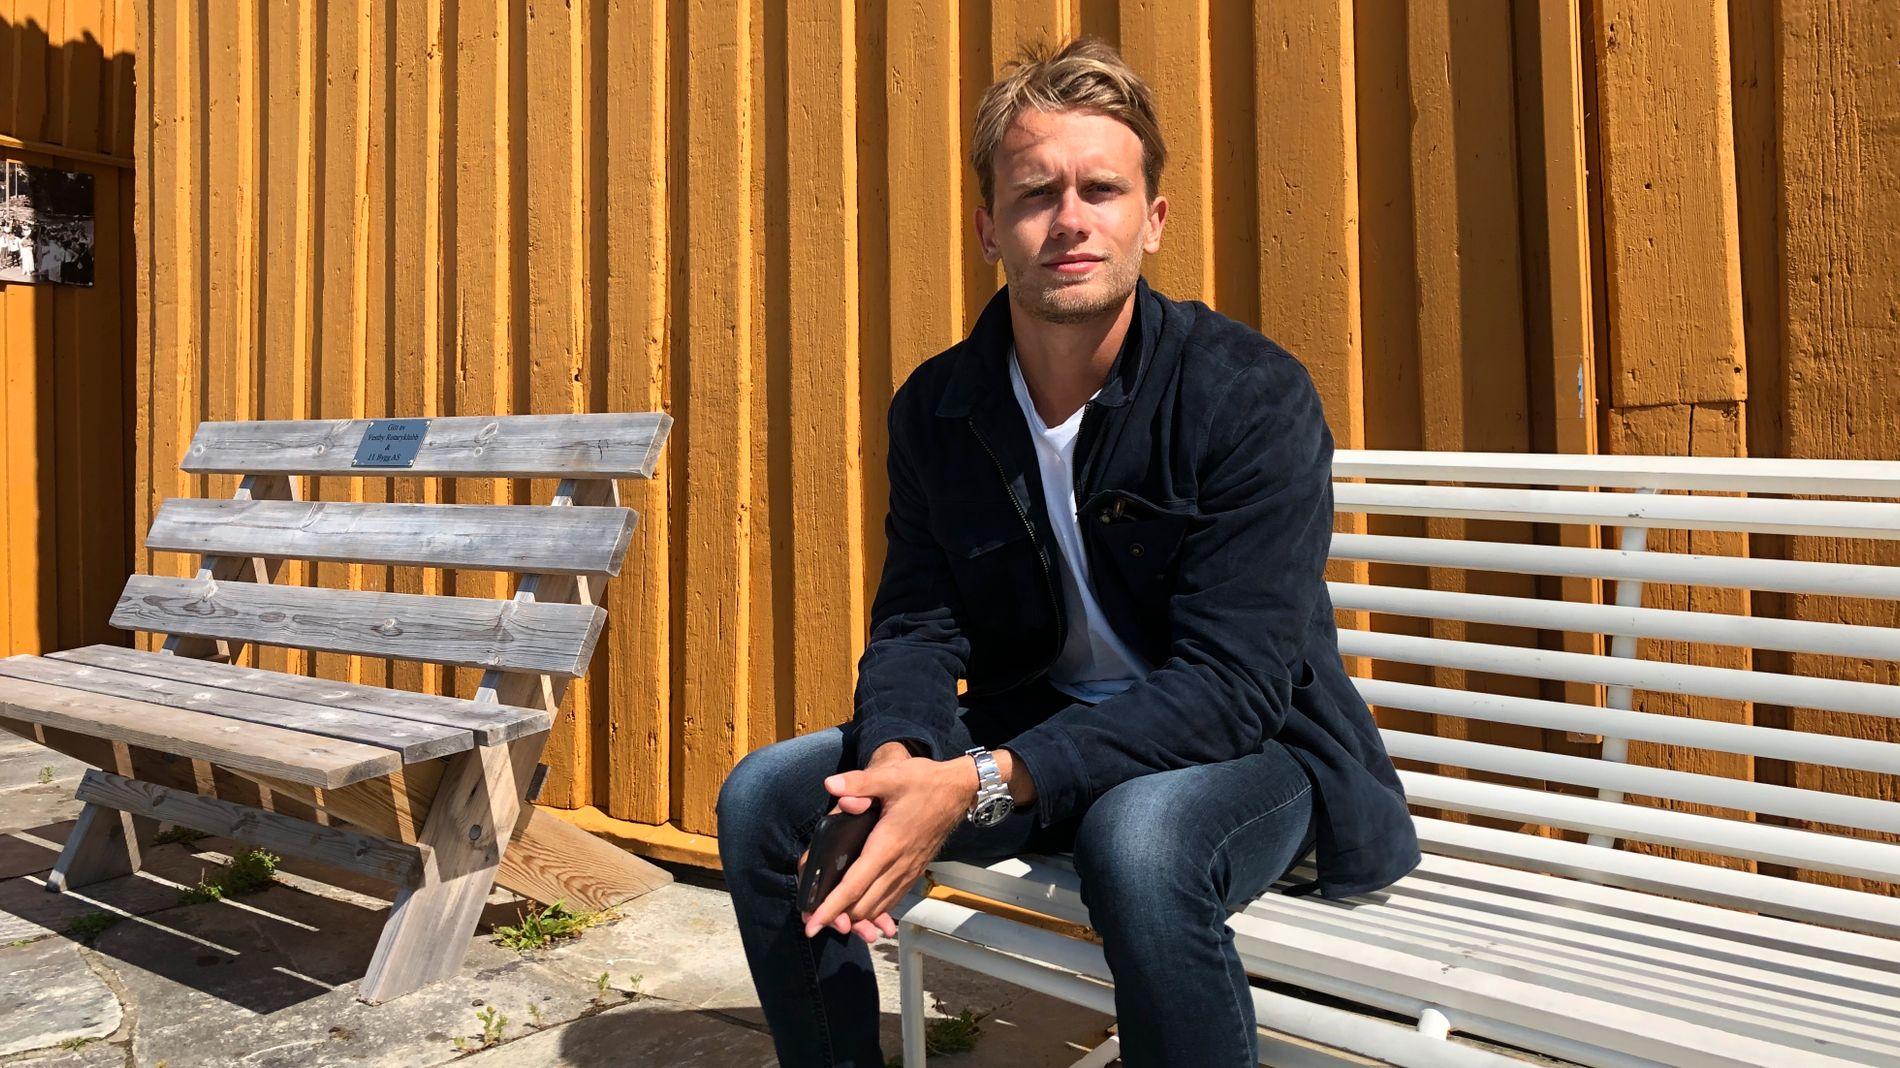 STORE MULIGHETER: Mikkel Marstrander Biong, daglig leder i Chabber Norge, ser gode utsikter for vekst innen eventer og catering i andre norske byer utenom Oslo.